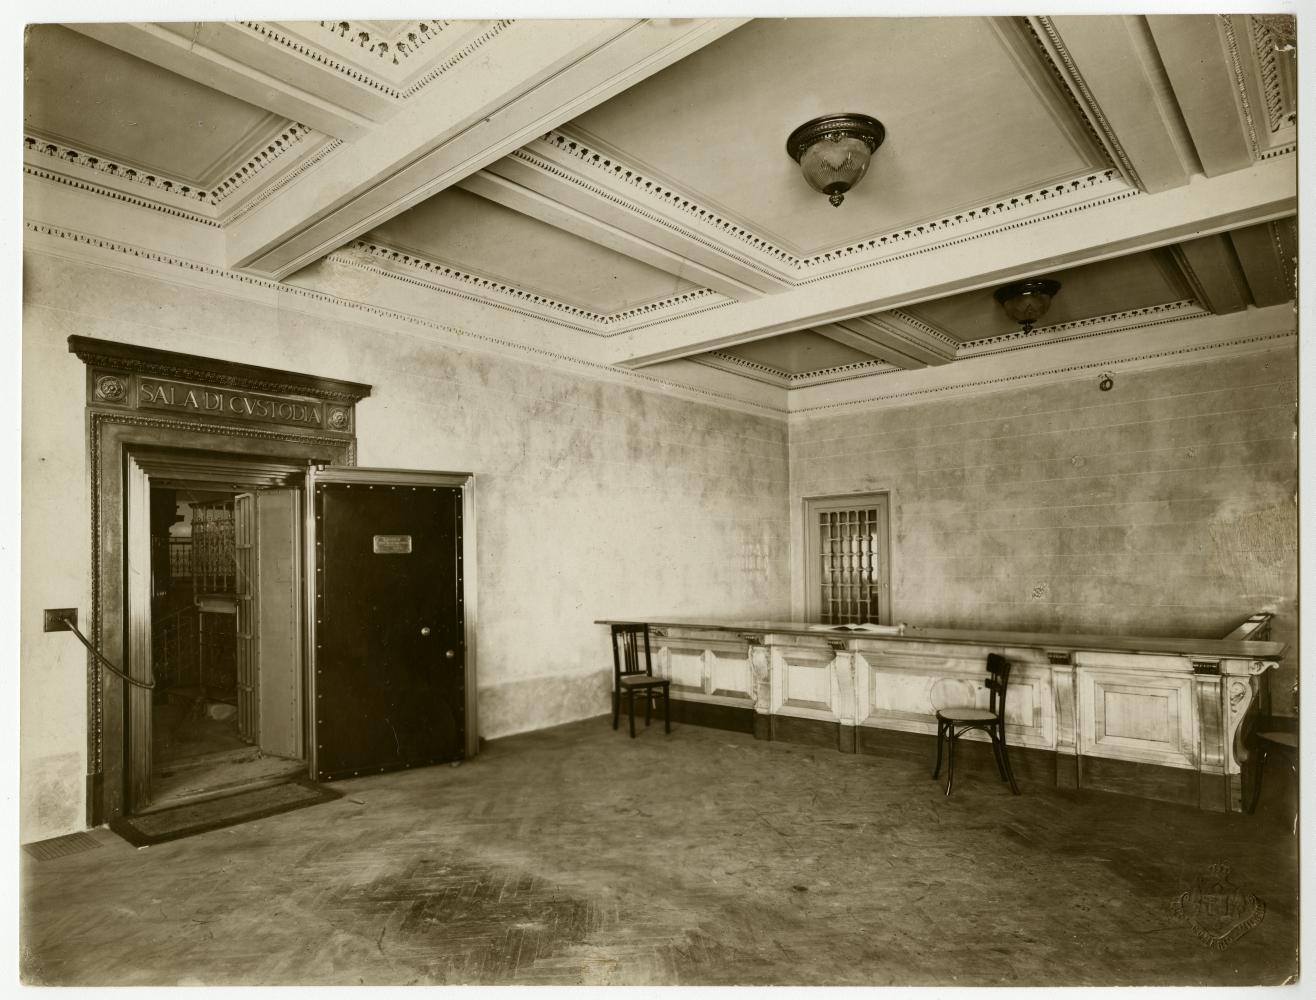 Accesso al caveau, Palazzo Comit, 1911  Fotografo Luca Comerio  Archivio storico del Gruppo Intesa Sanpaolo